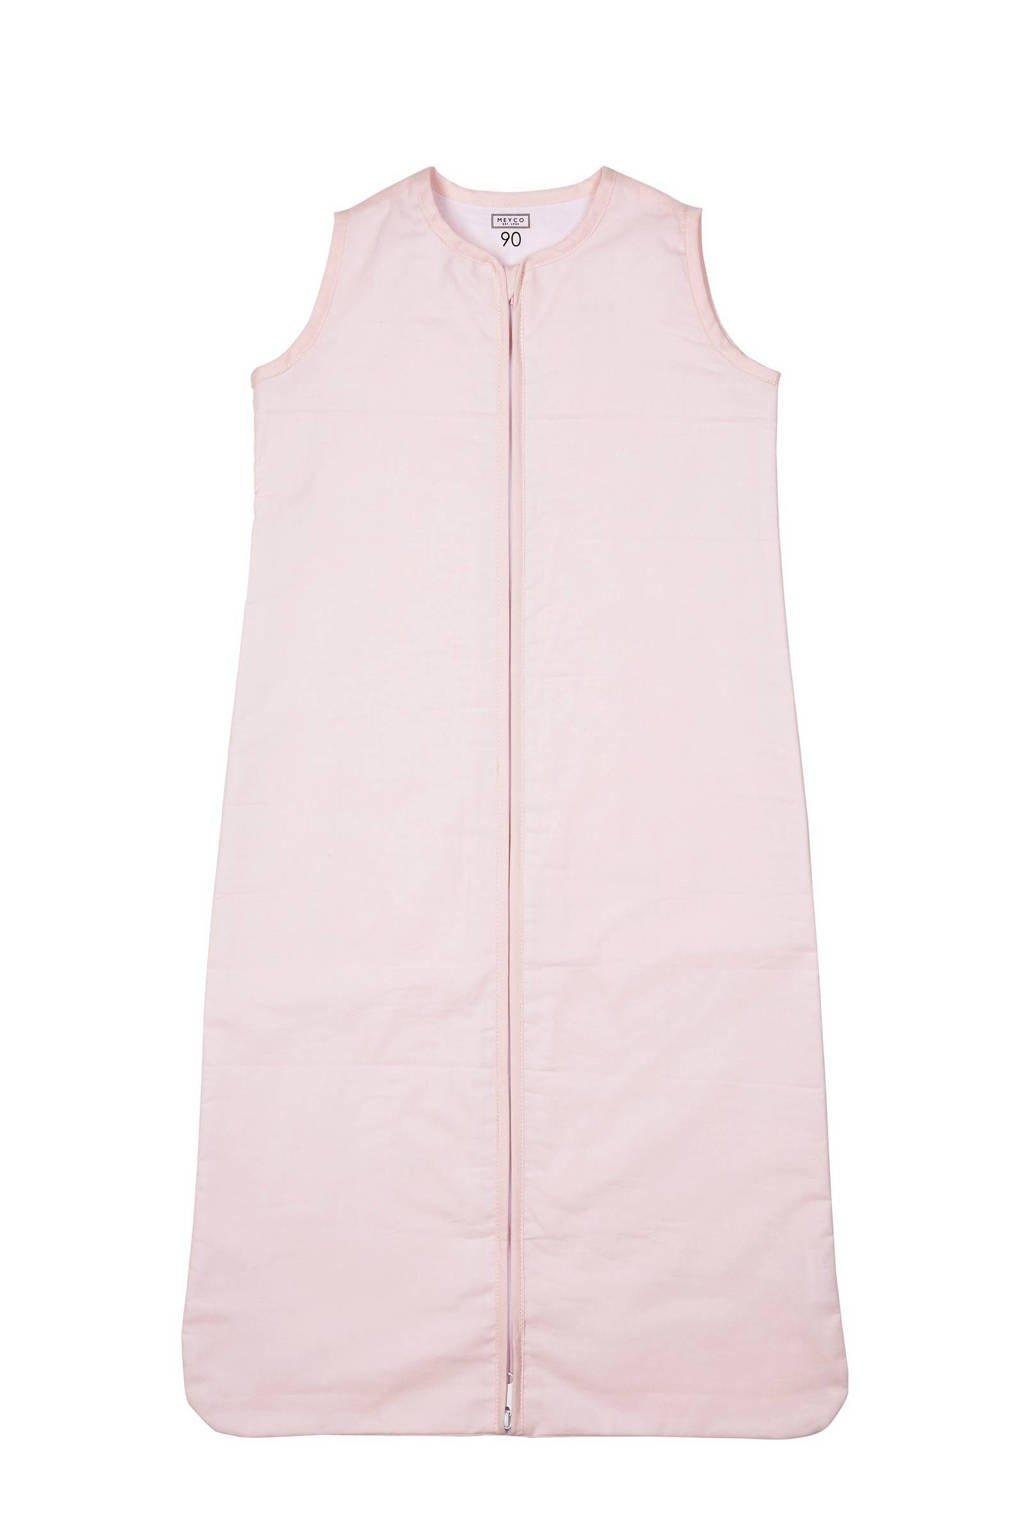 Meyco Uni baby slaapzak zomer 90 cm lichtroze, Roze